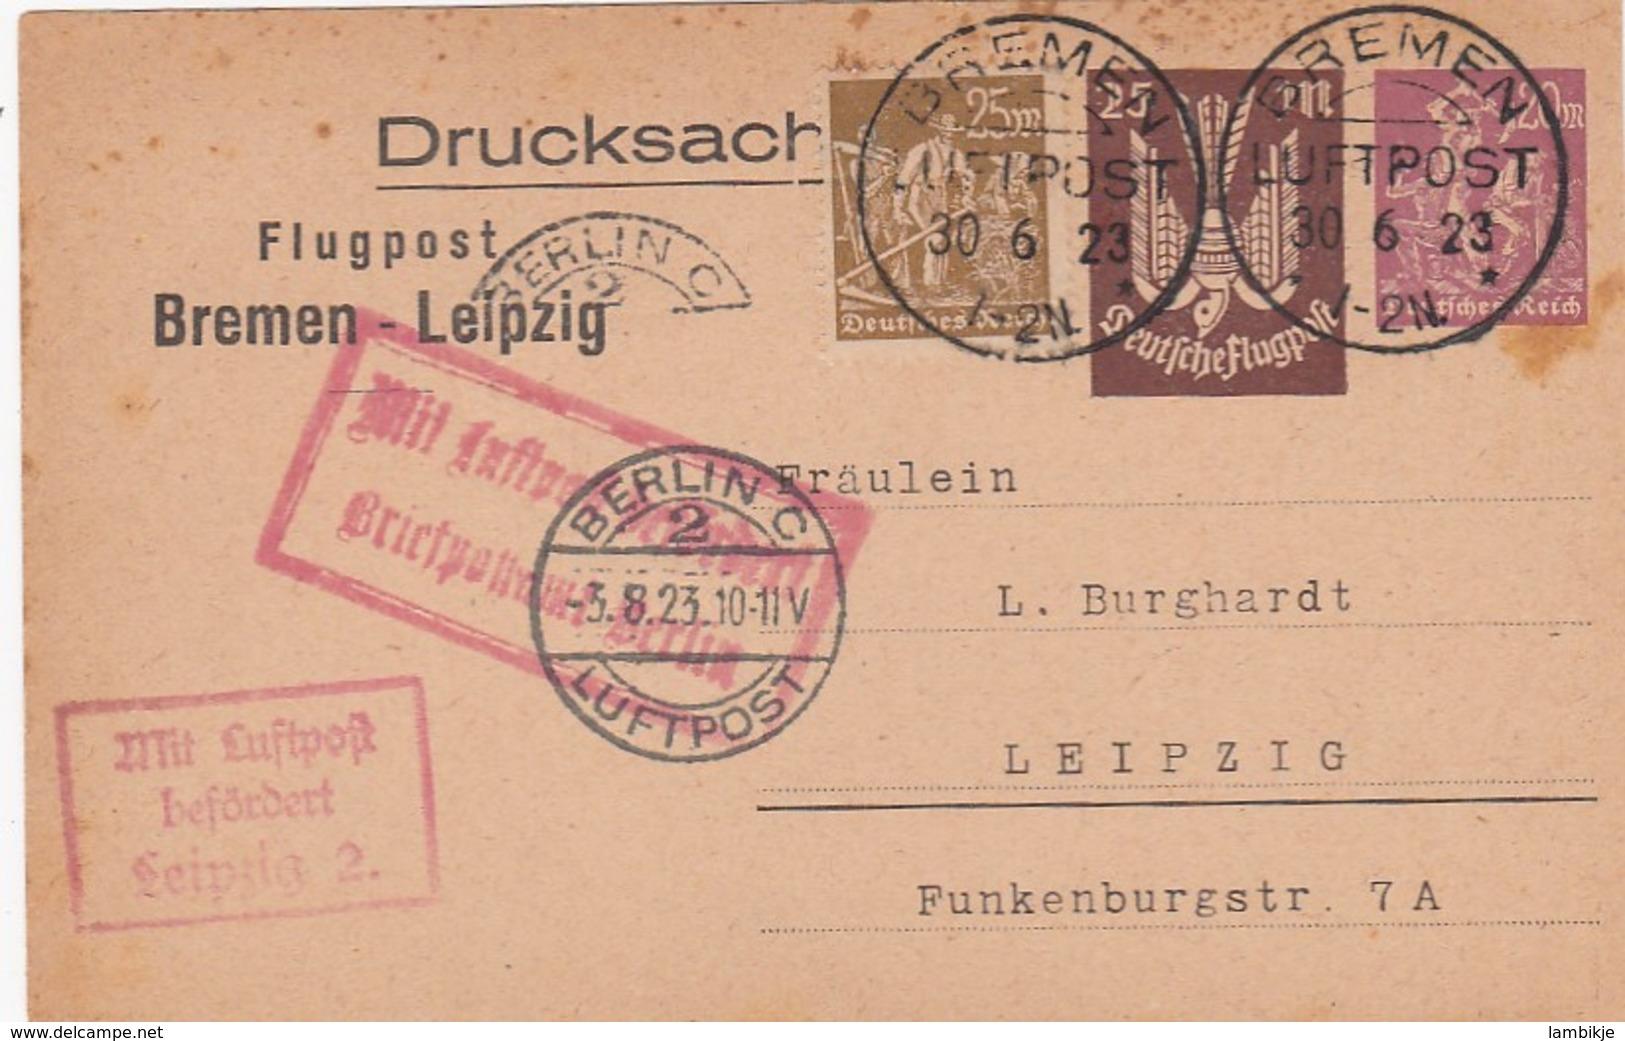 Deutsches Reich Luftpost Postkarte 1923 - Allemagne